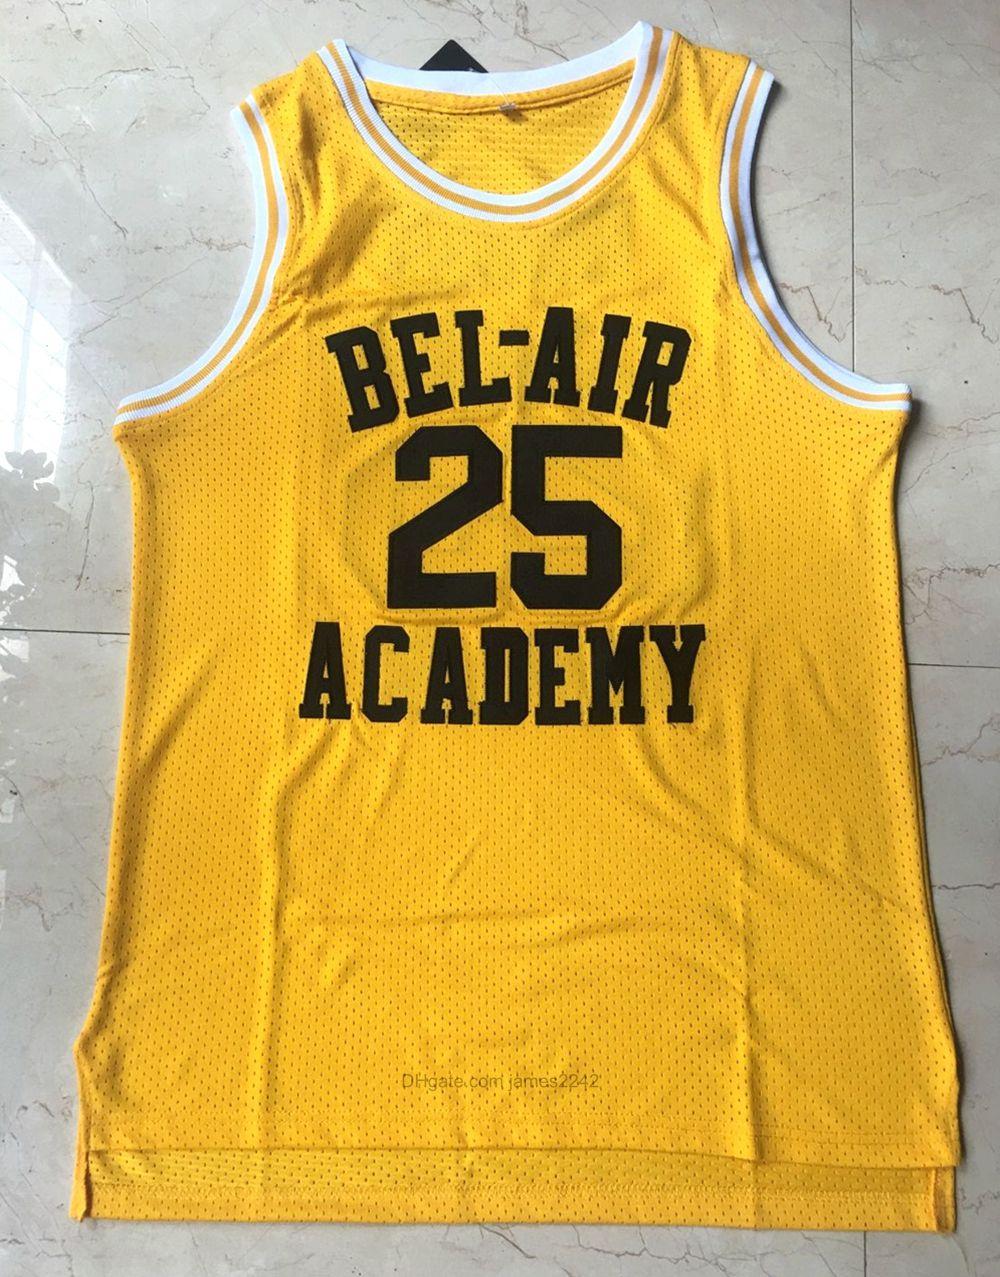 Expédier de nous # 25 Carlton Banks Basketball Jersey Fresh Prince Bel-Air Academy Film Jerseys Pouciation Jaune Broderie S-3XL de haute qualité